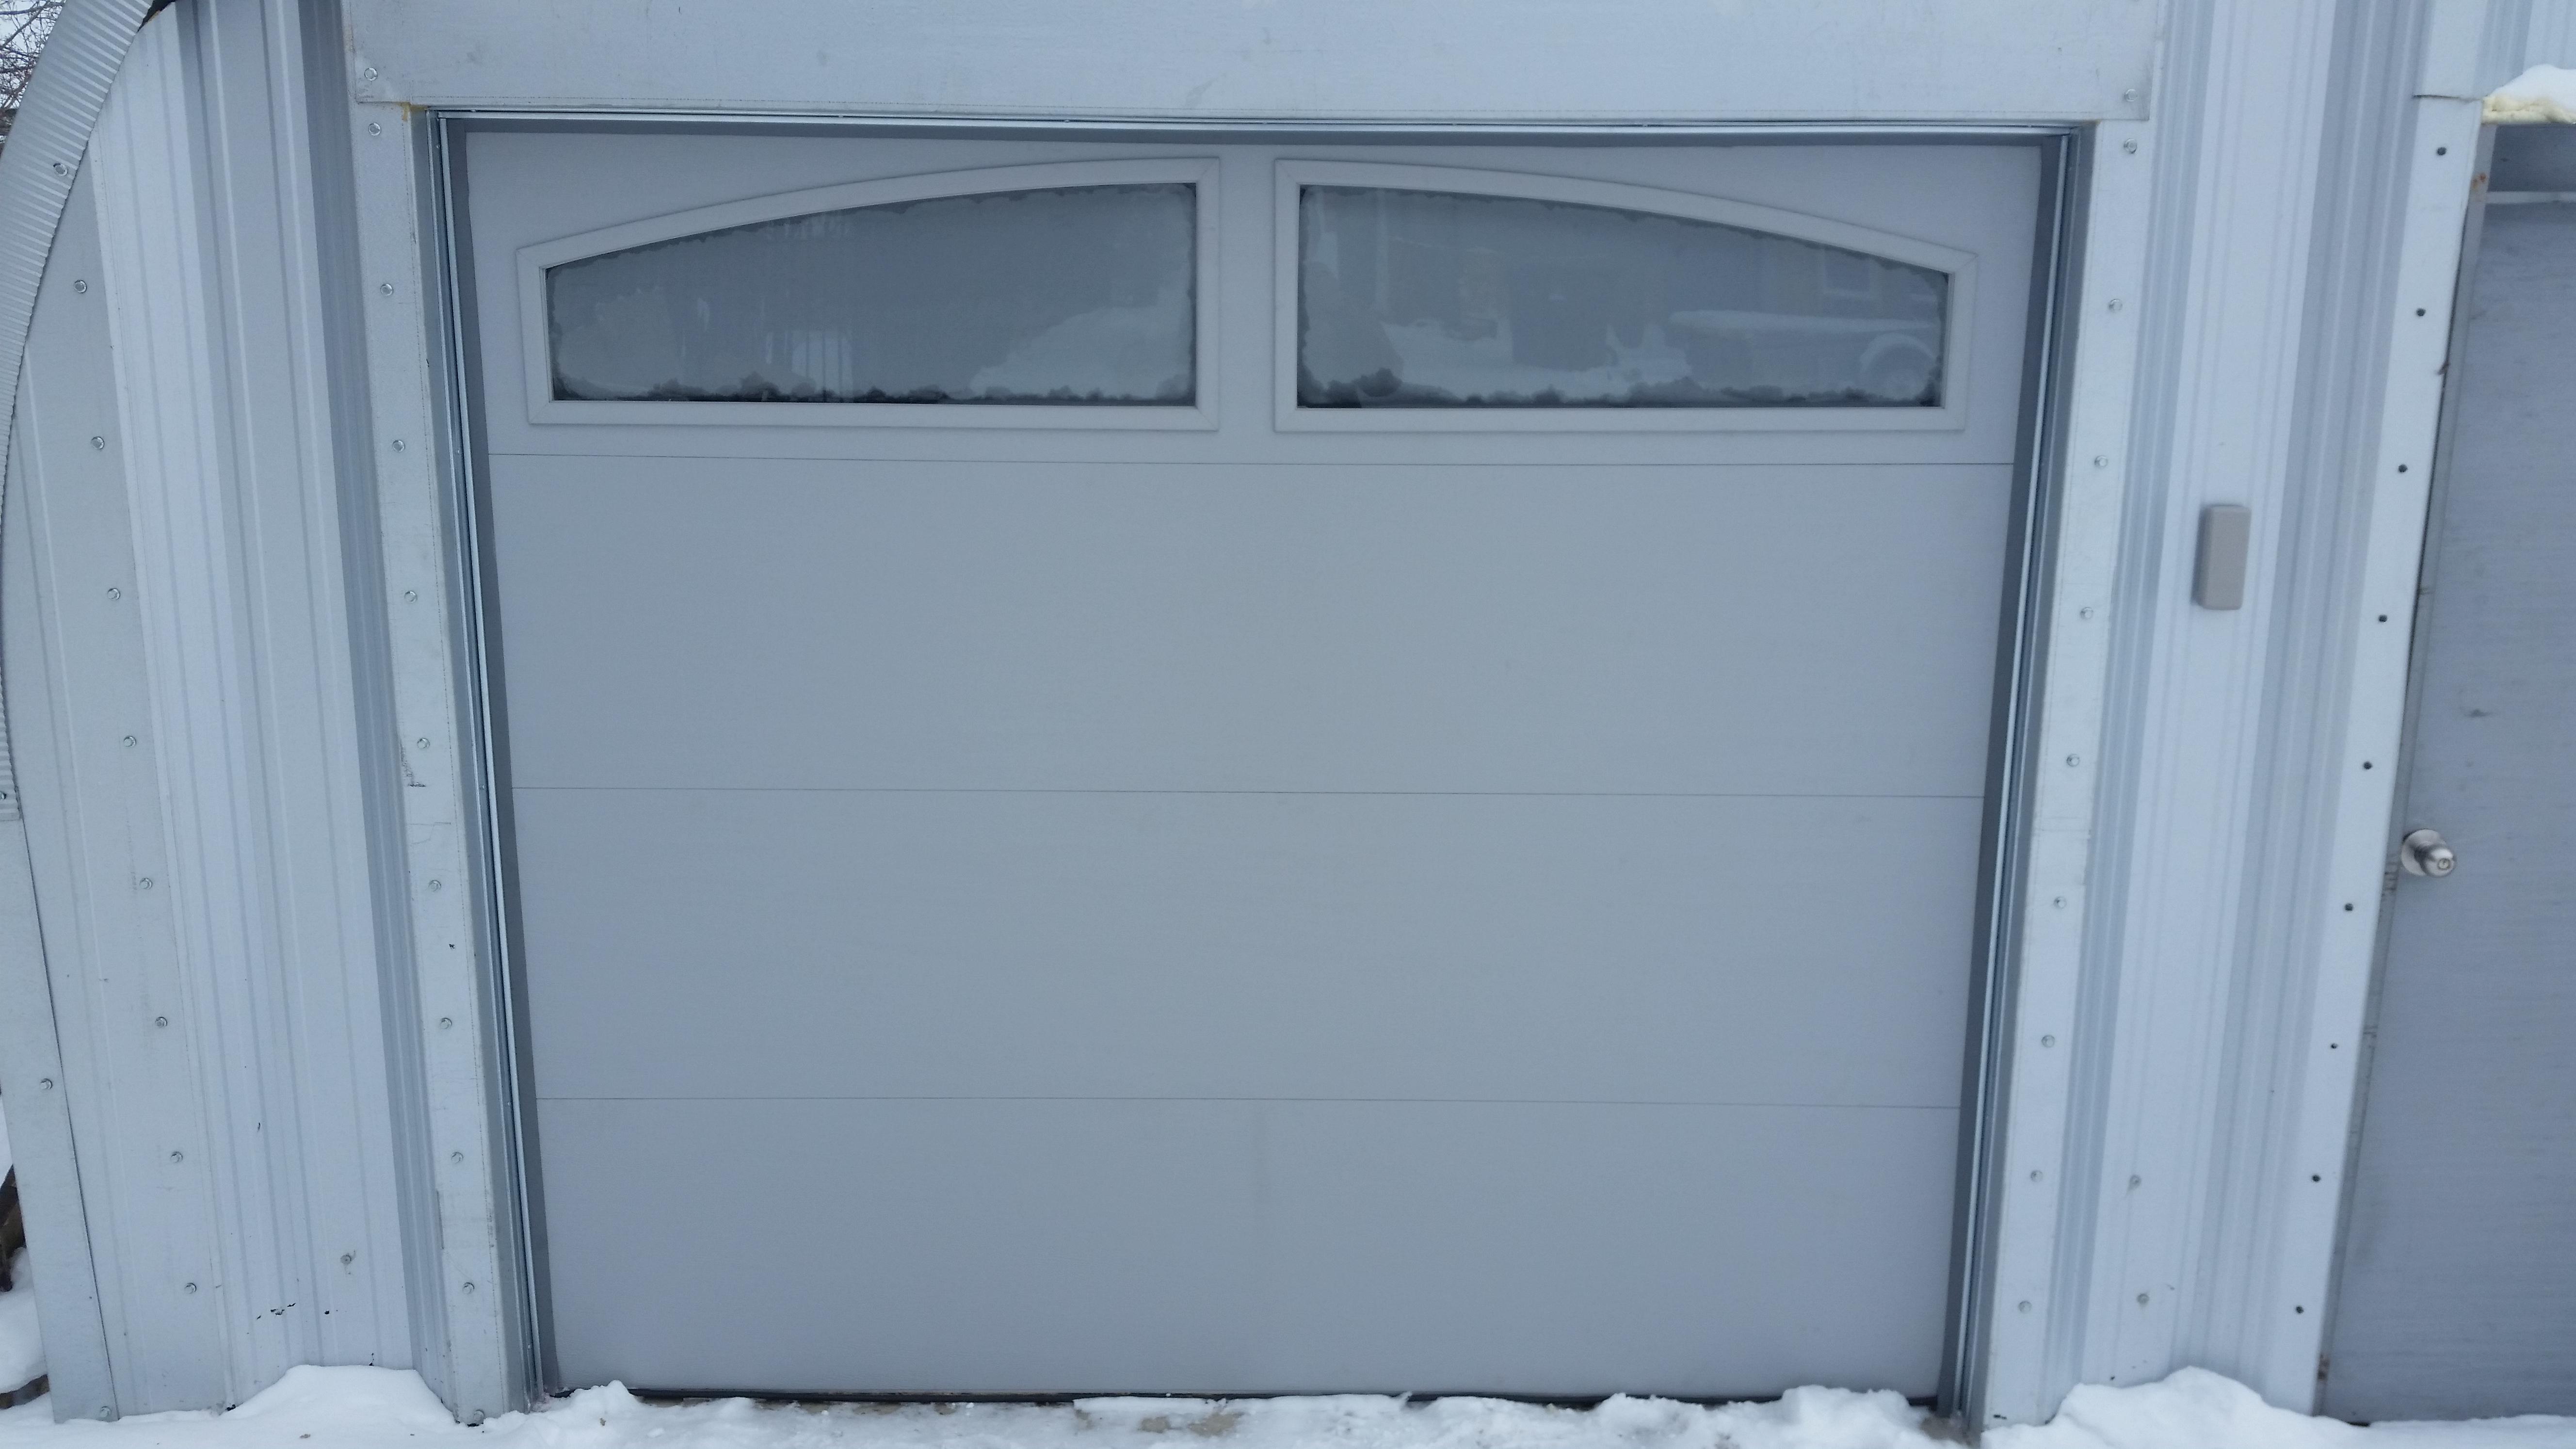 2988 #476684 Overhead Doors Gallery WM Haws Overhead Doors Save Image  Overhead Roll Up Garage